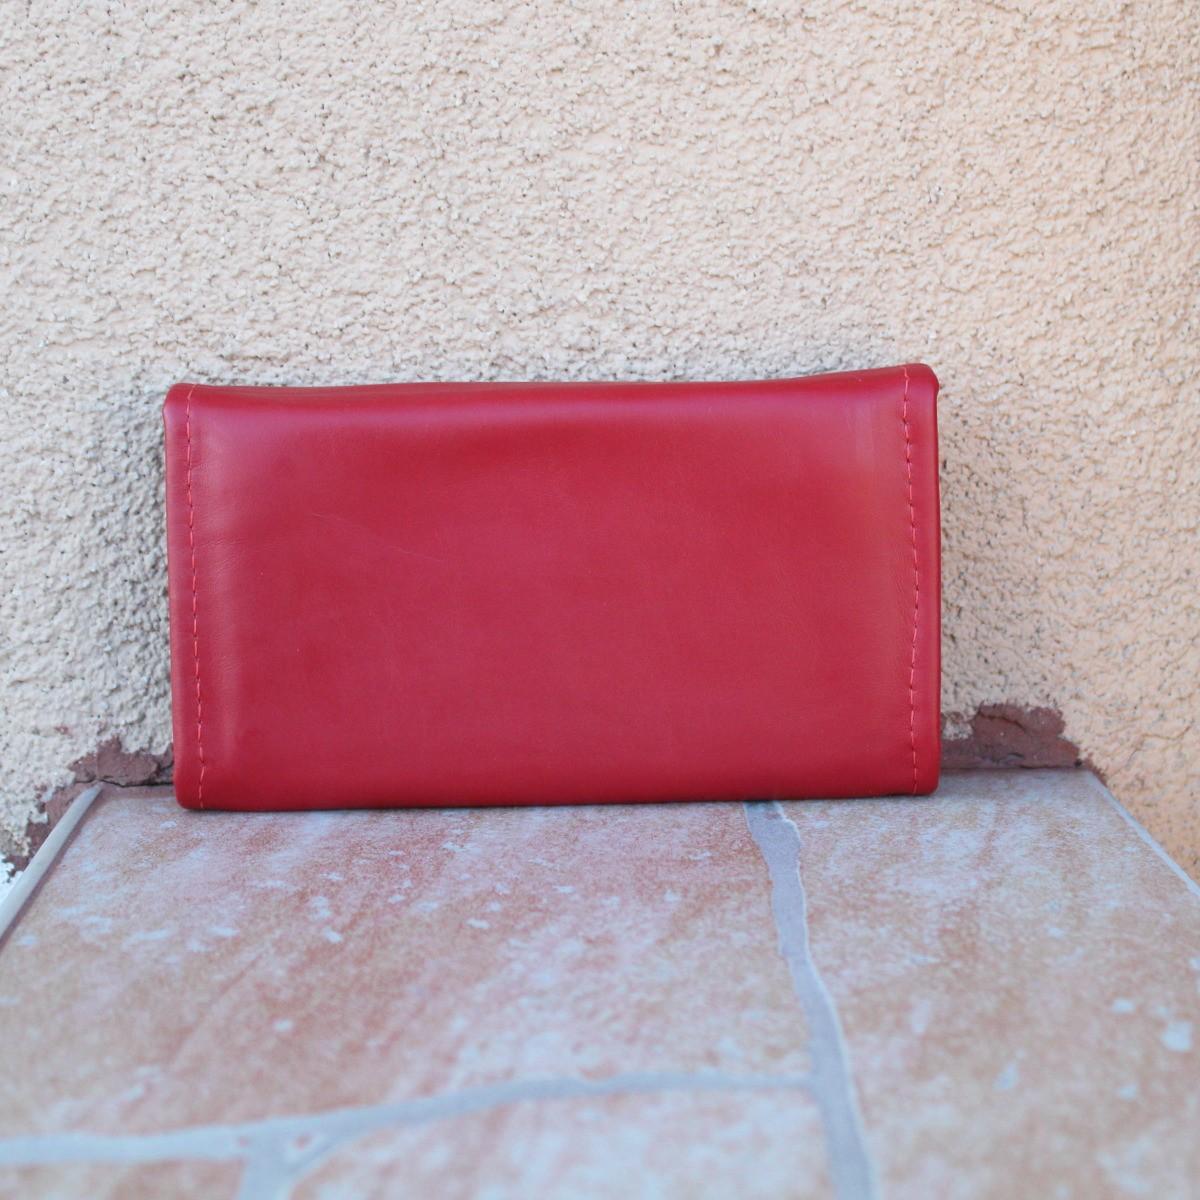 червено дамско портмоне от естествена кожа - отзад